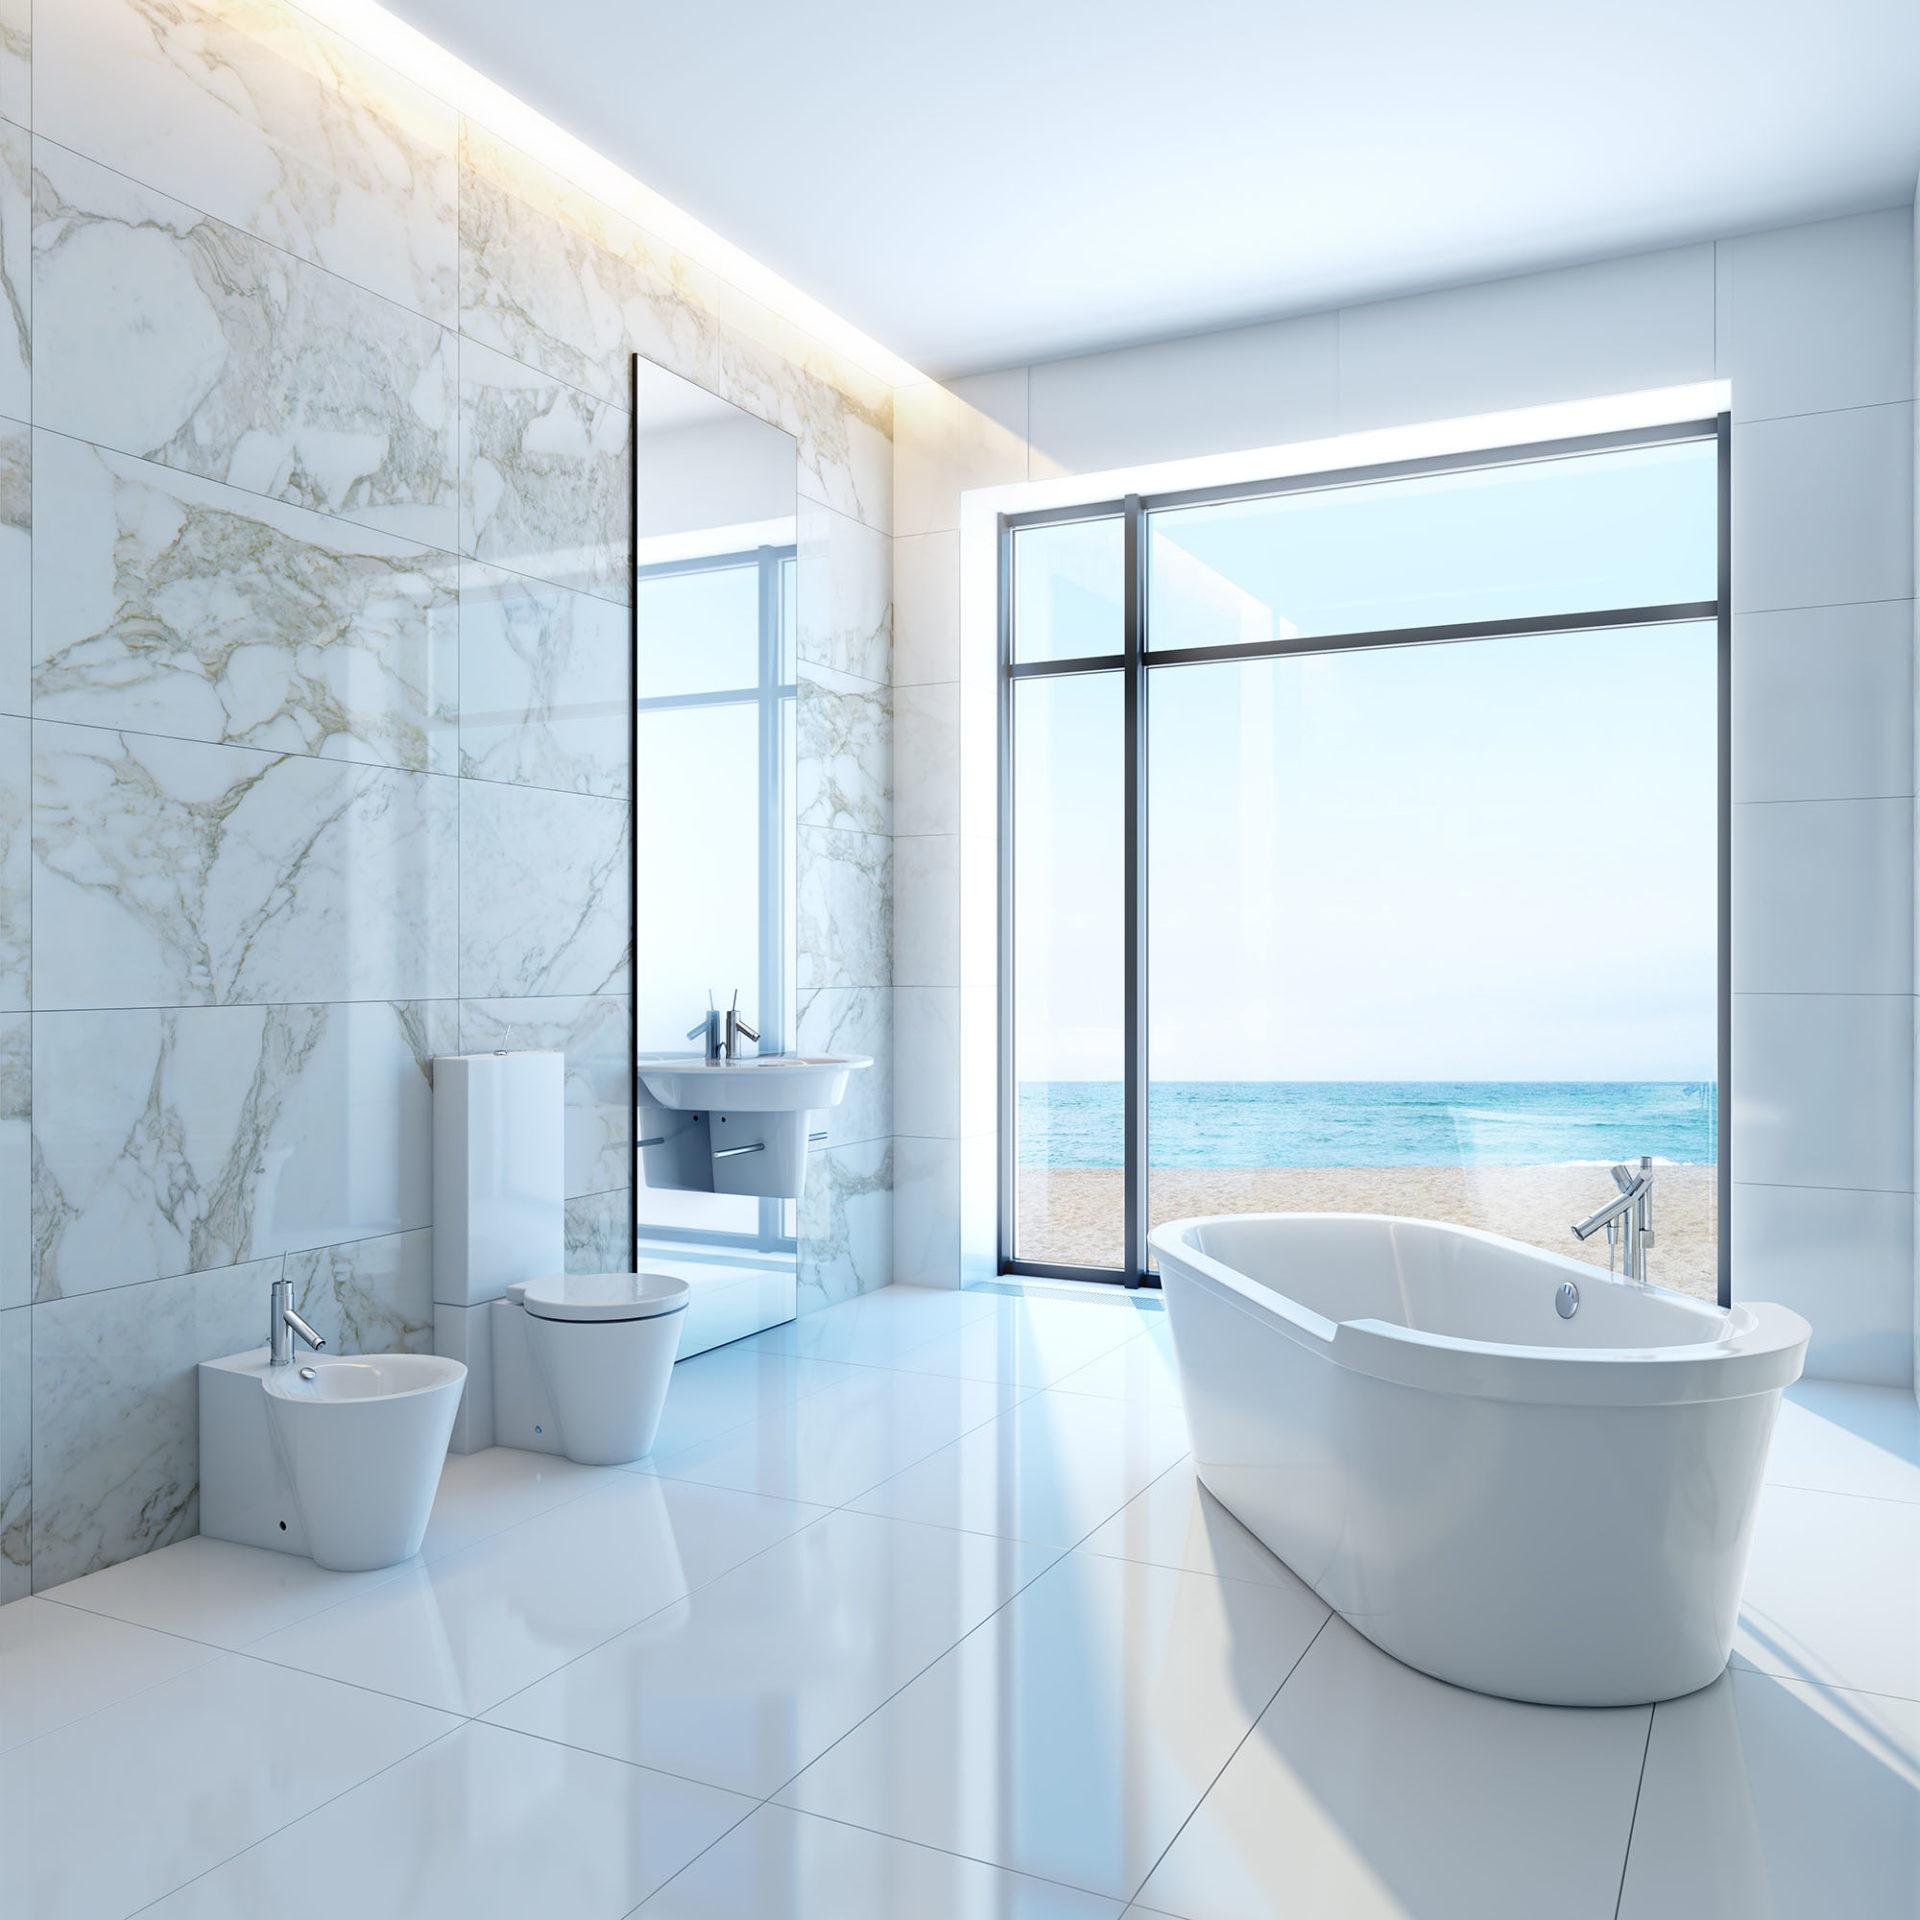 Aranżacja łazienki z wykorzystaniem jasnego spieku kwarcowego